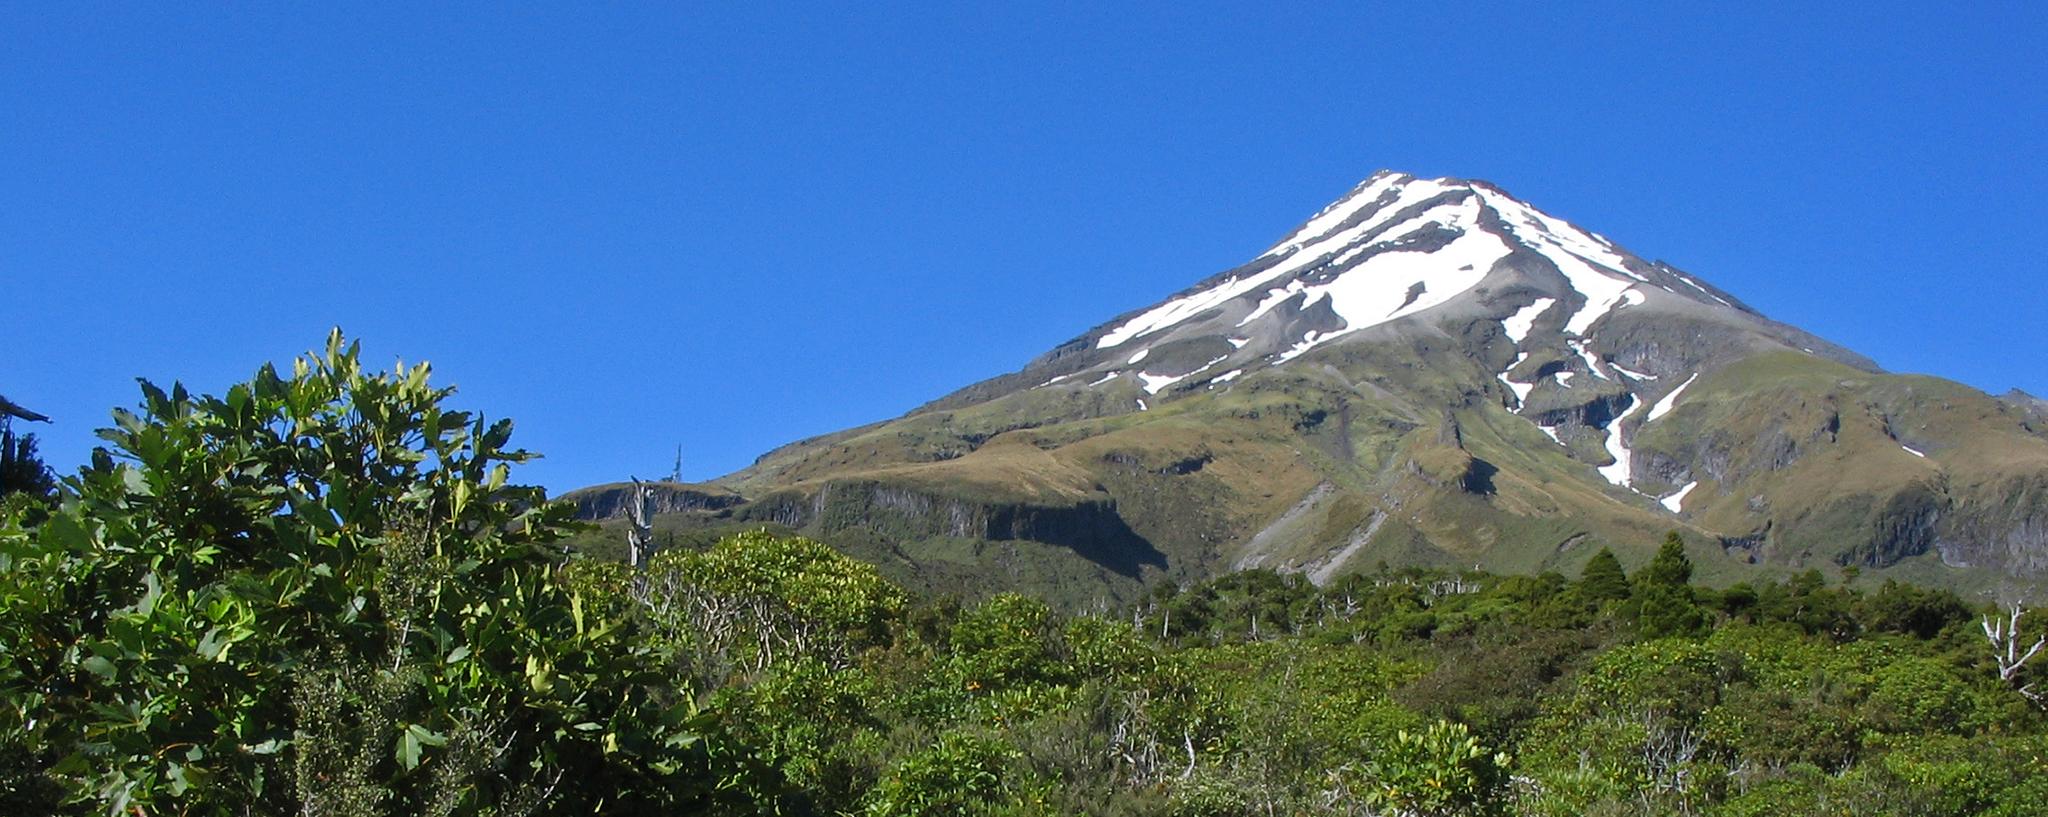 Hiking Mount Taranaki (Egmont)